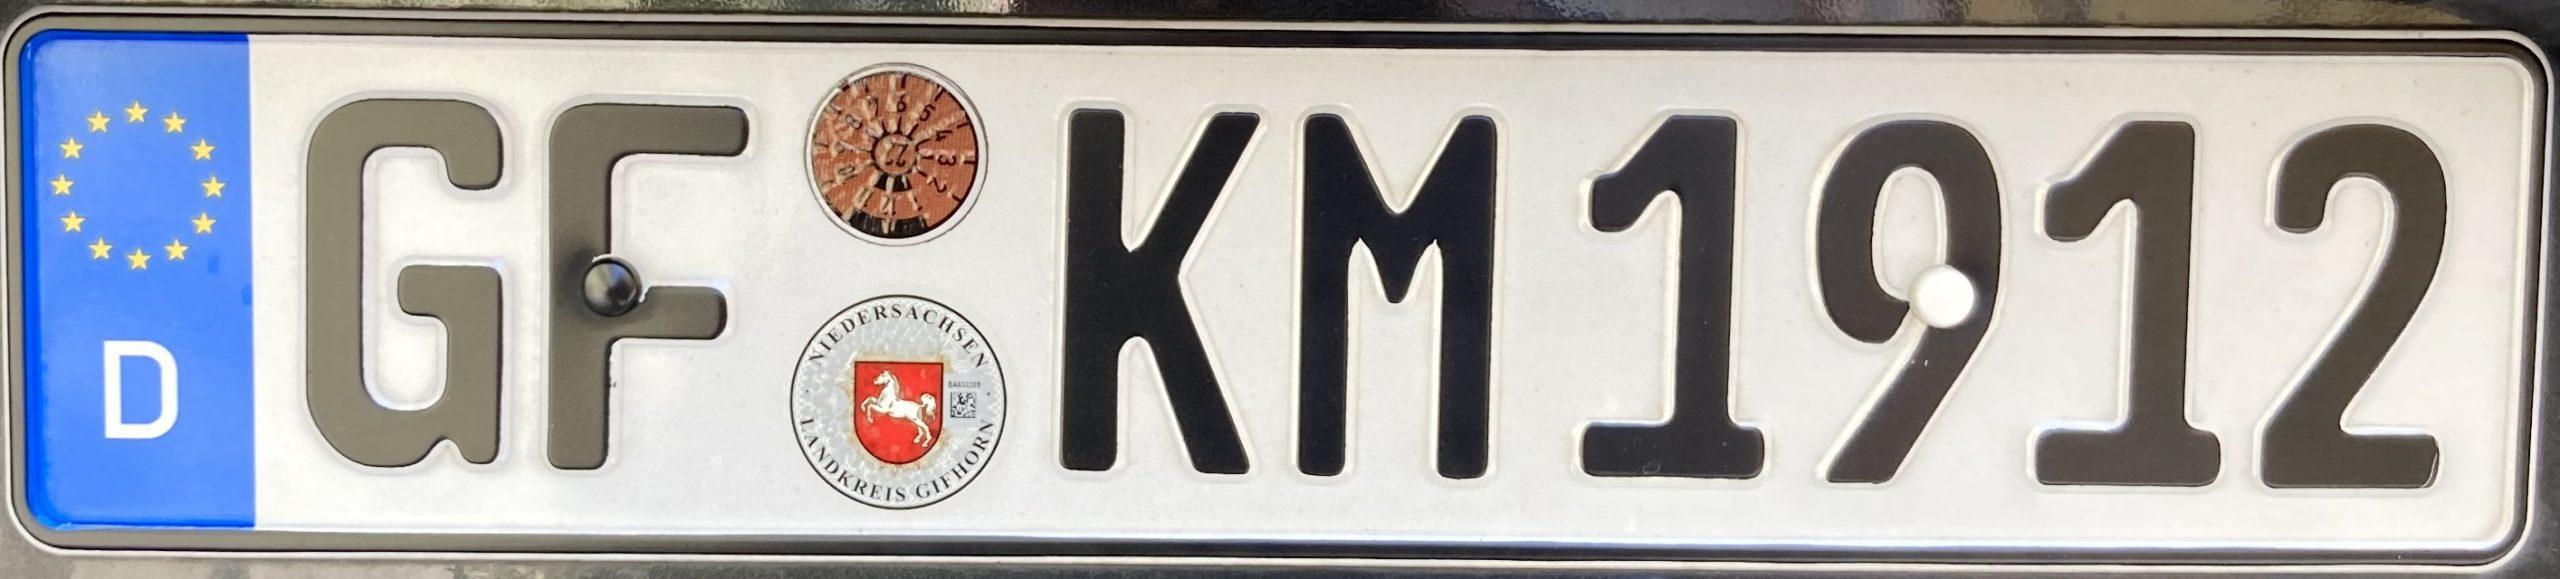 Registrační značky Německo - GF - Gifhorn, foto: www.podalnici.cz